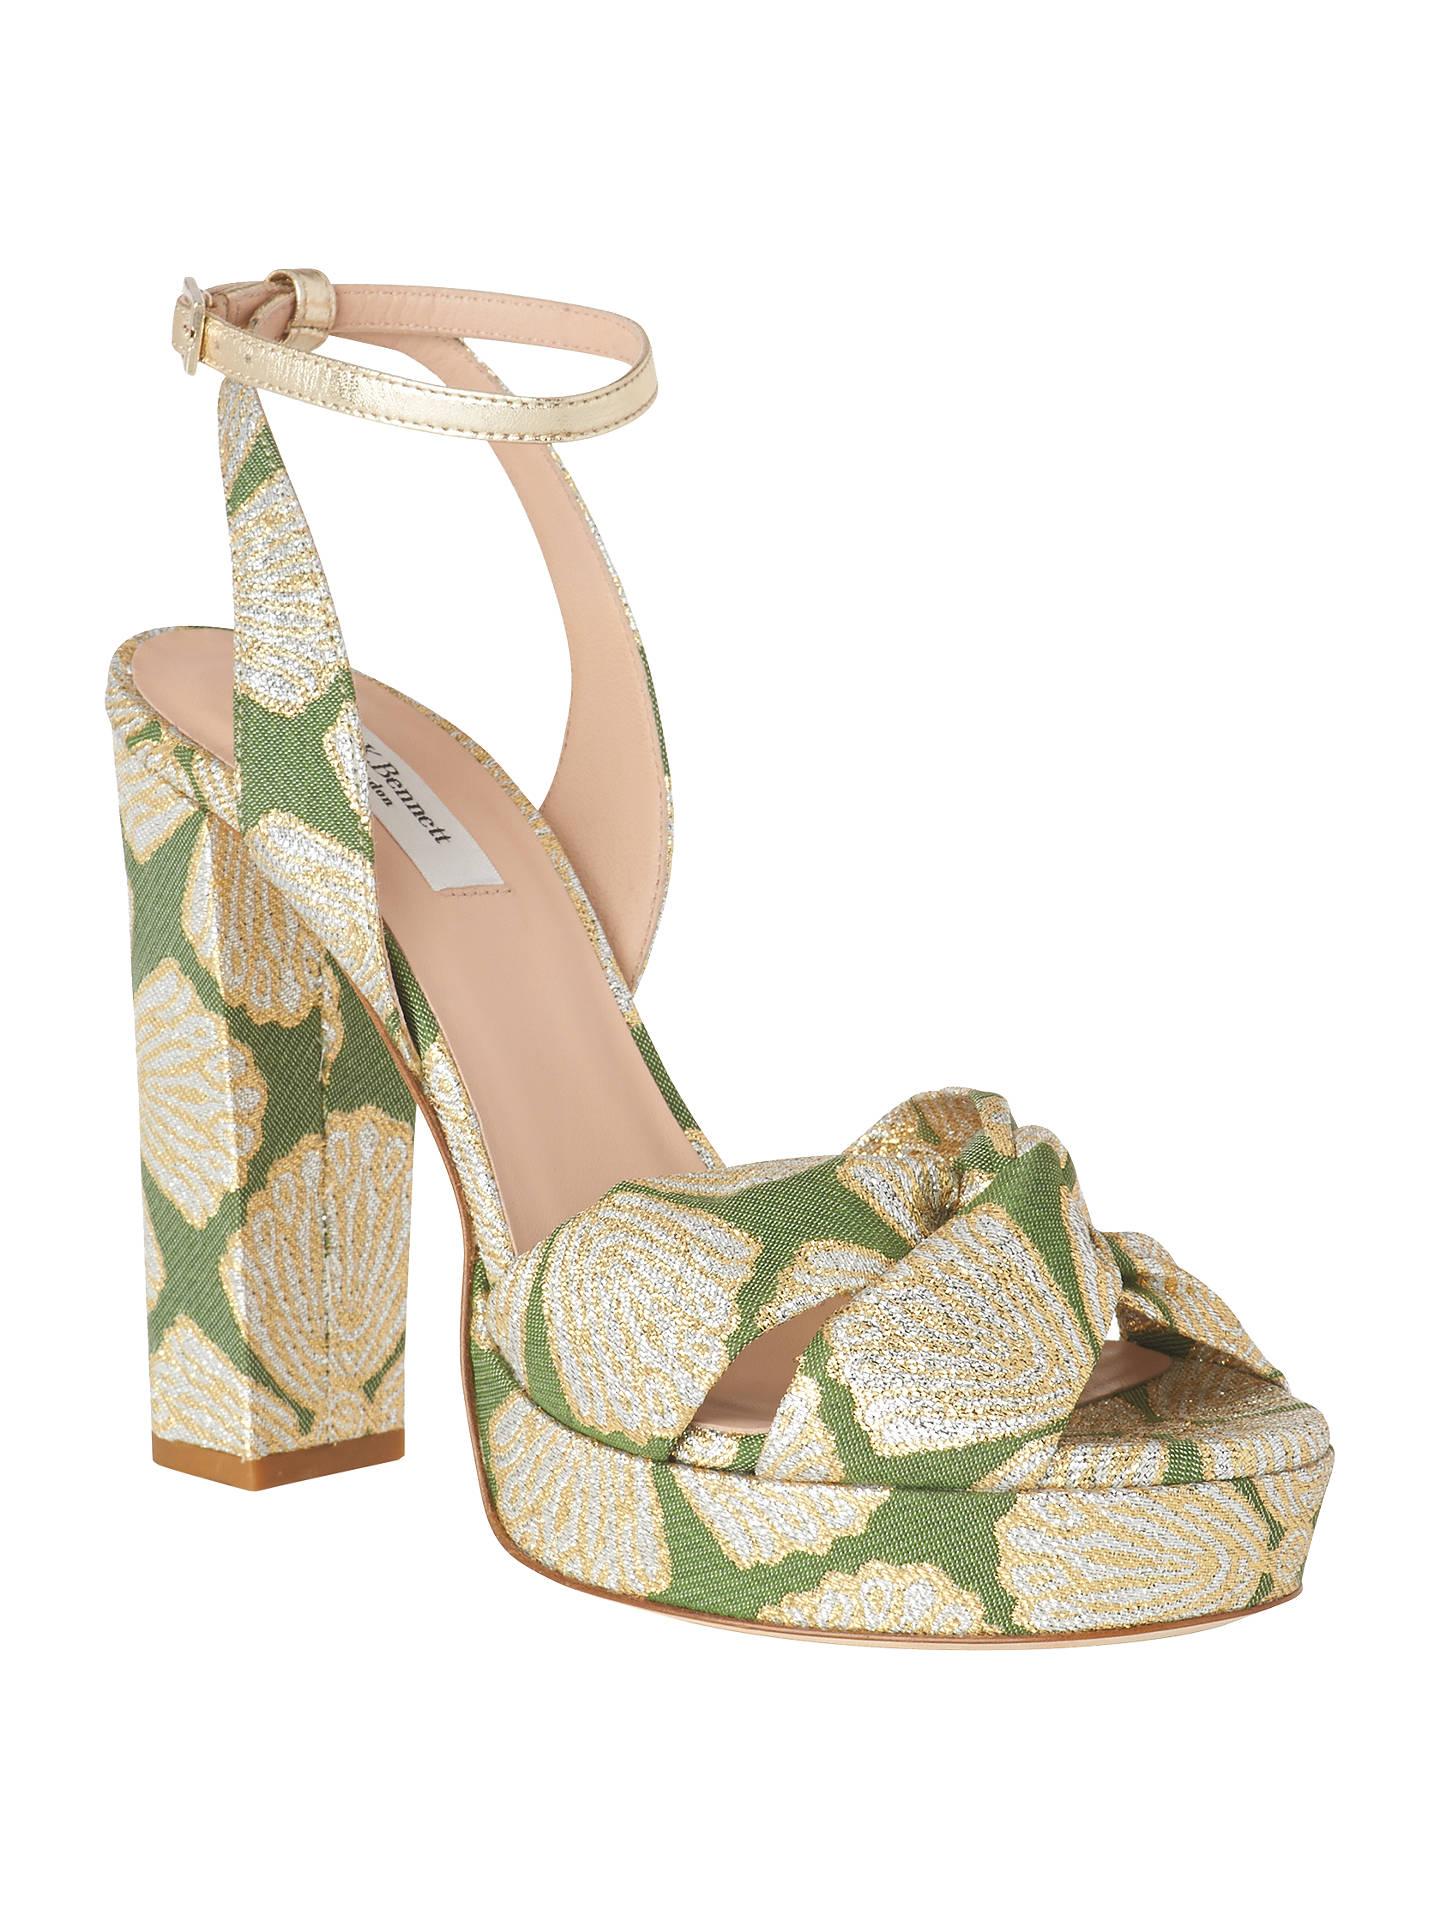 ca11e2d3977ba1 Buy L.K.Bennett Annabella High Block Heel Sandals